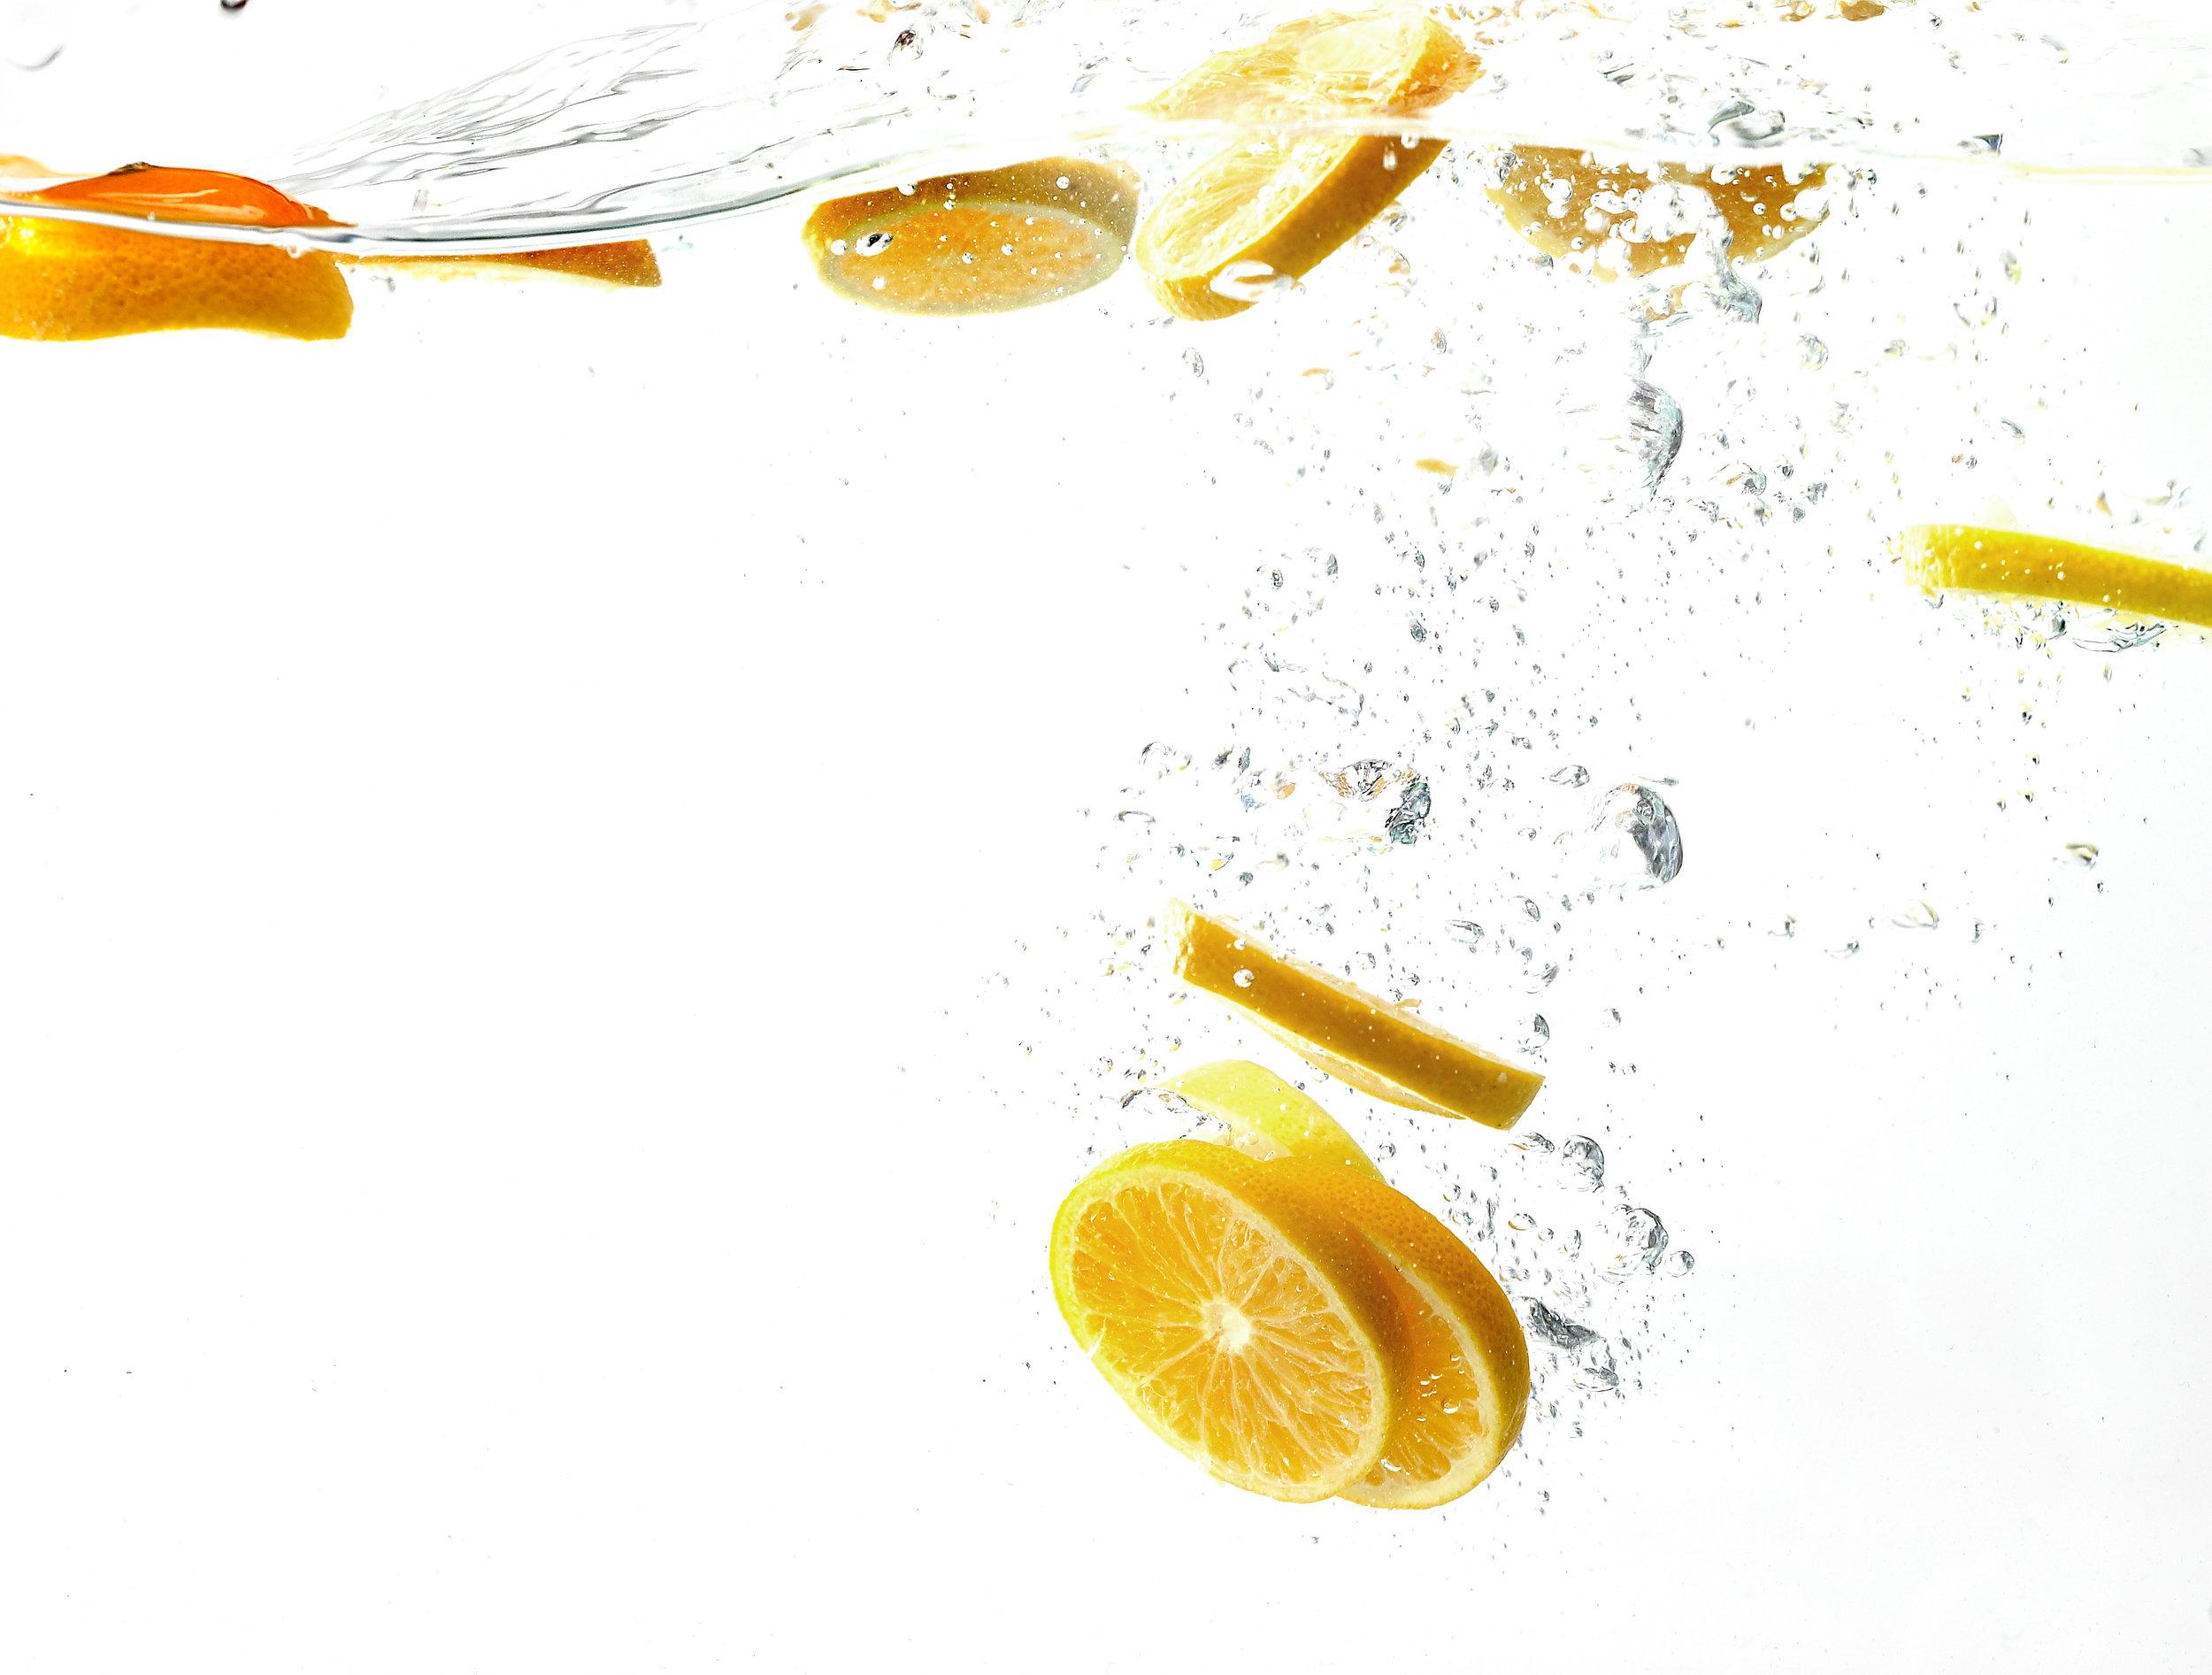 OrangesInwaterSplash.jpg